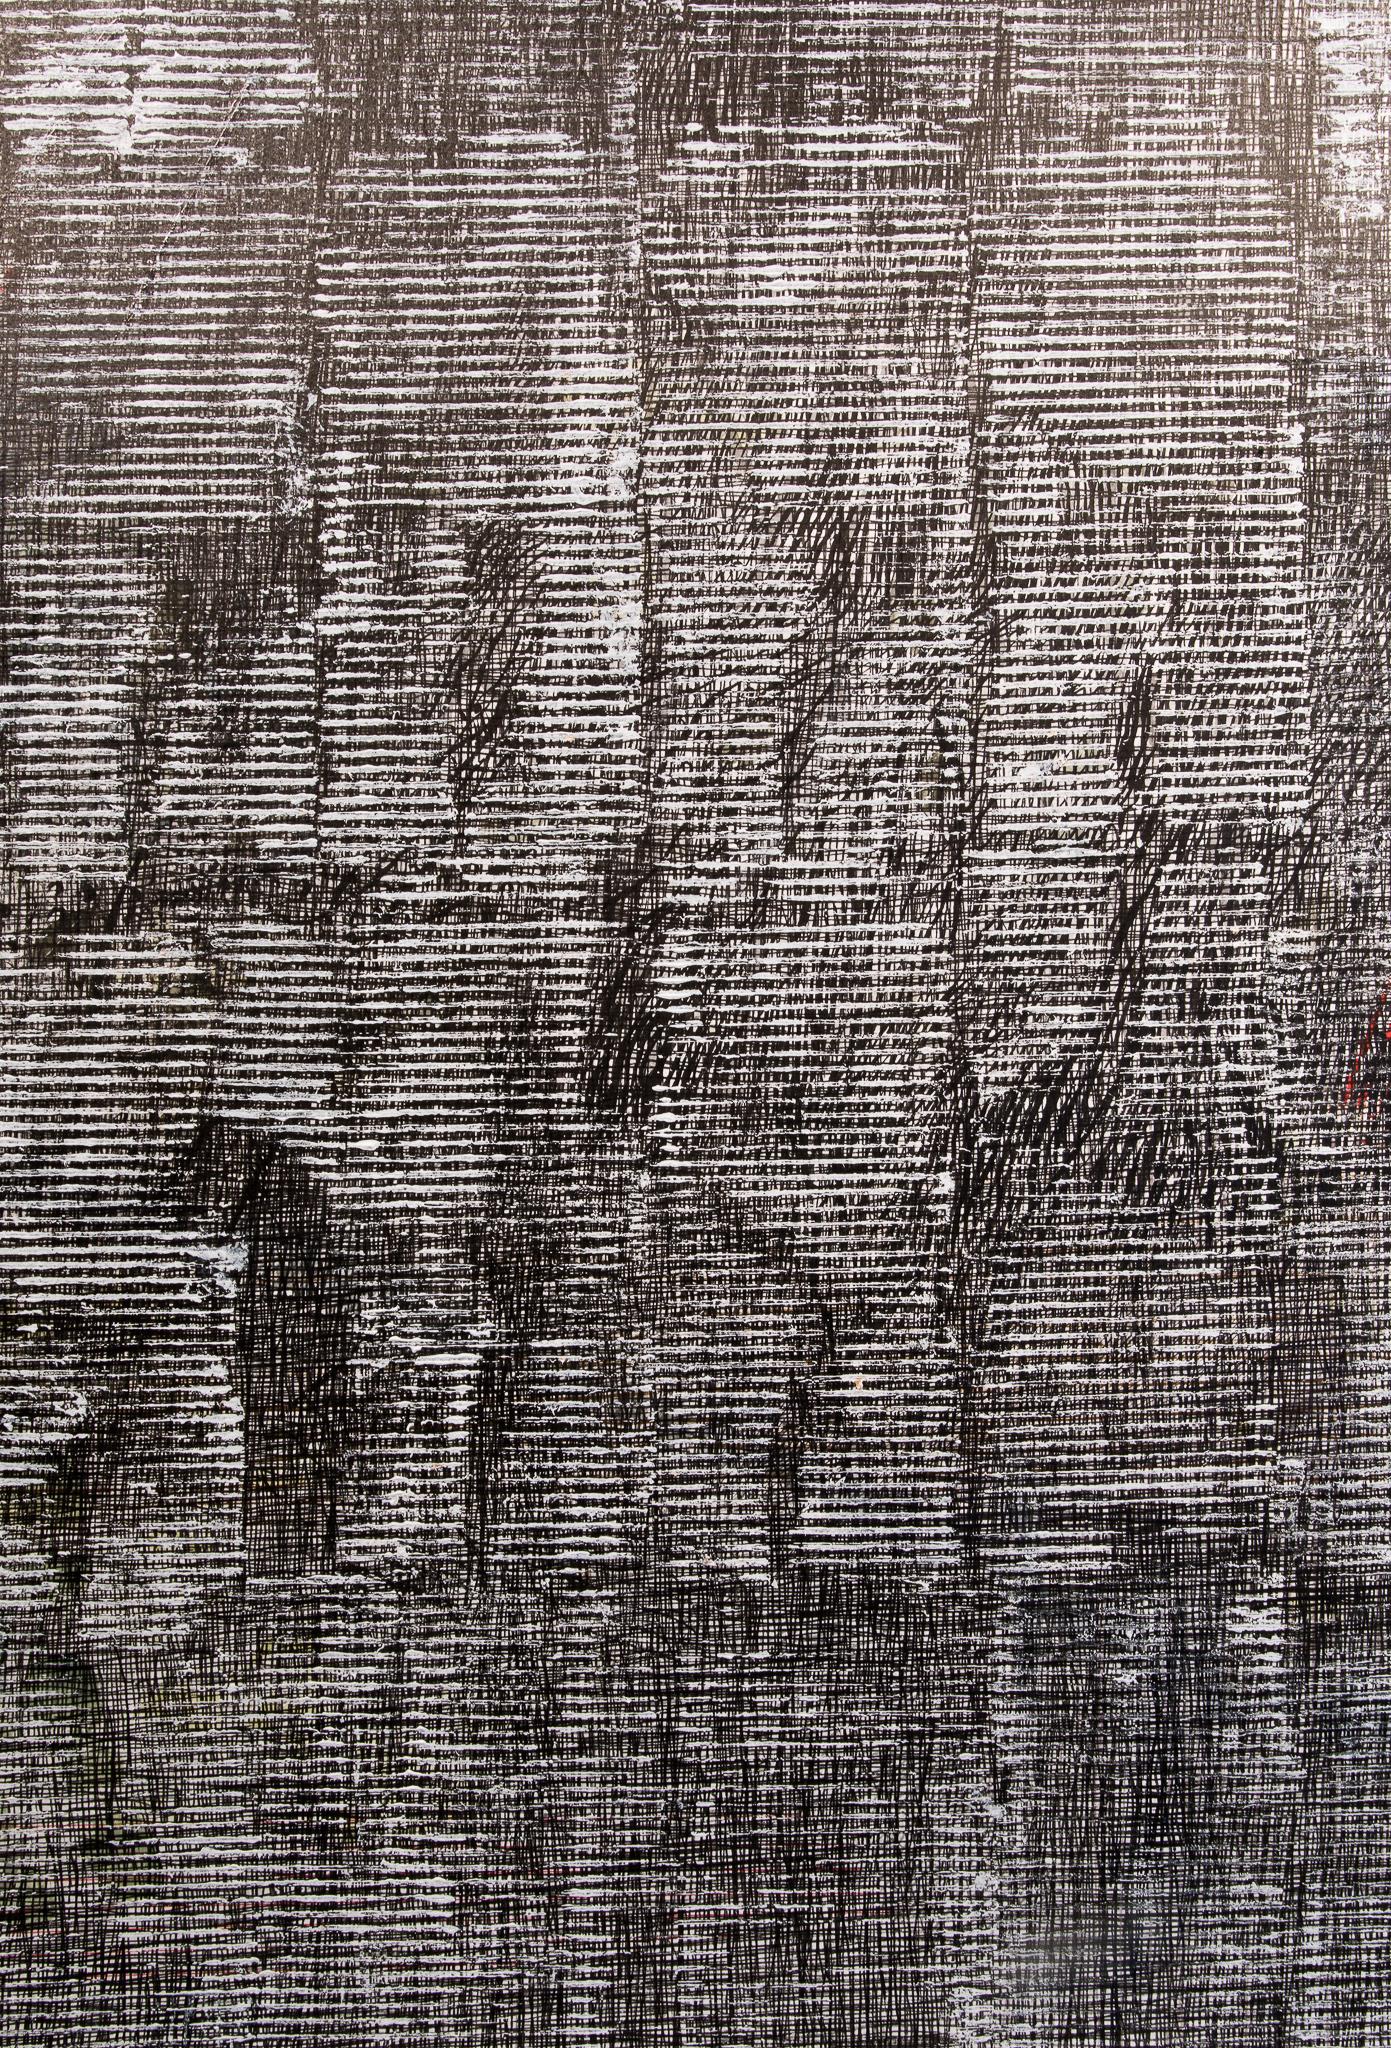 Gerda Teljeur, Cocooning, 2020 (detail)